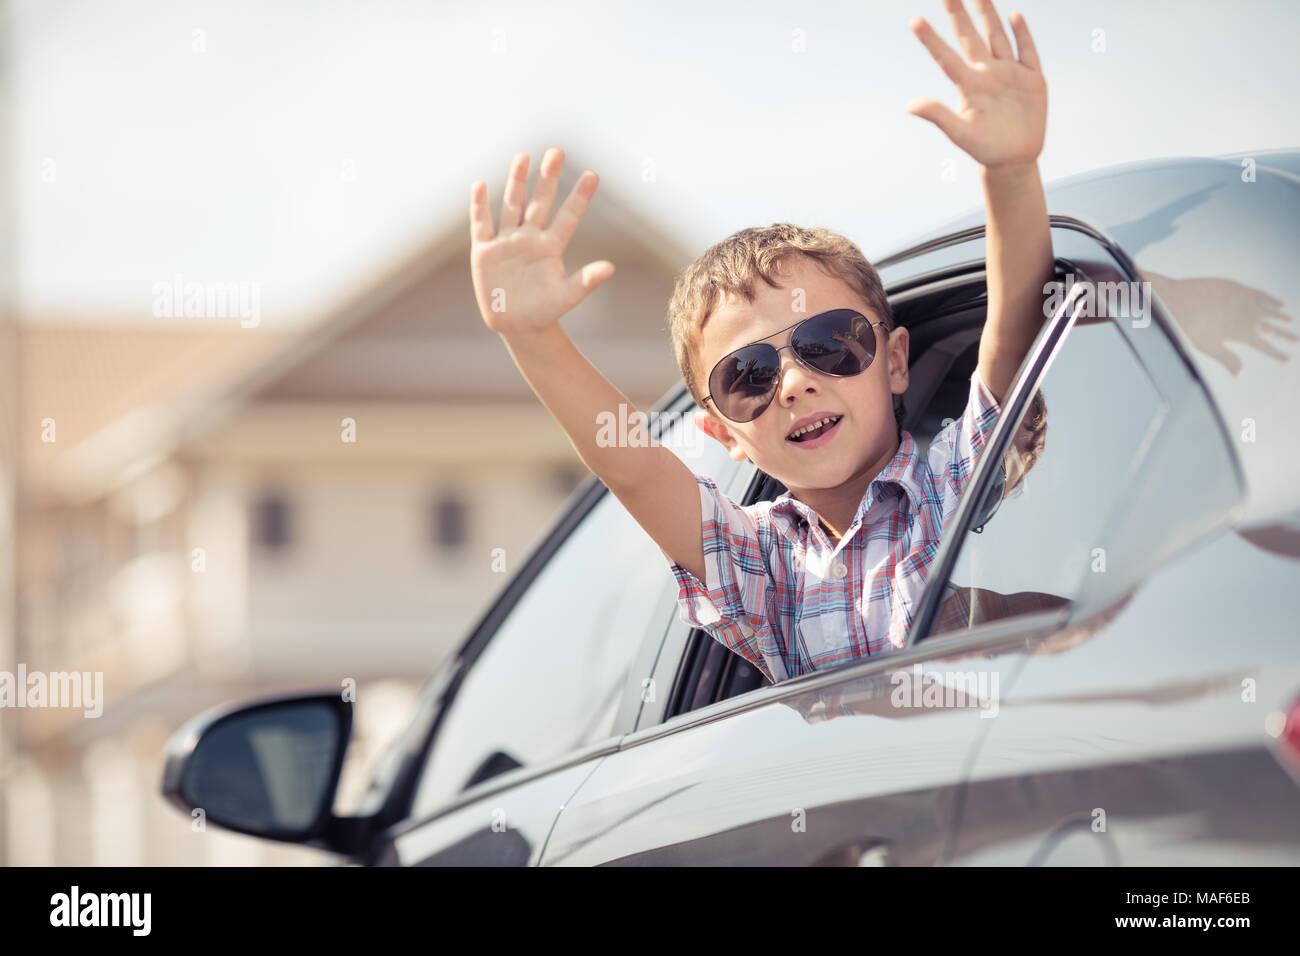 Un petit garçon heureux assis dans la voiture à la journée. Concept de vacances d'été. Photo Stock